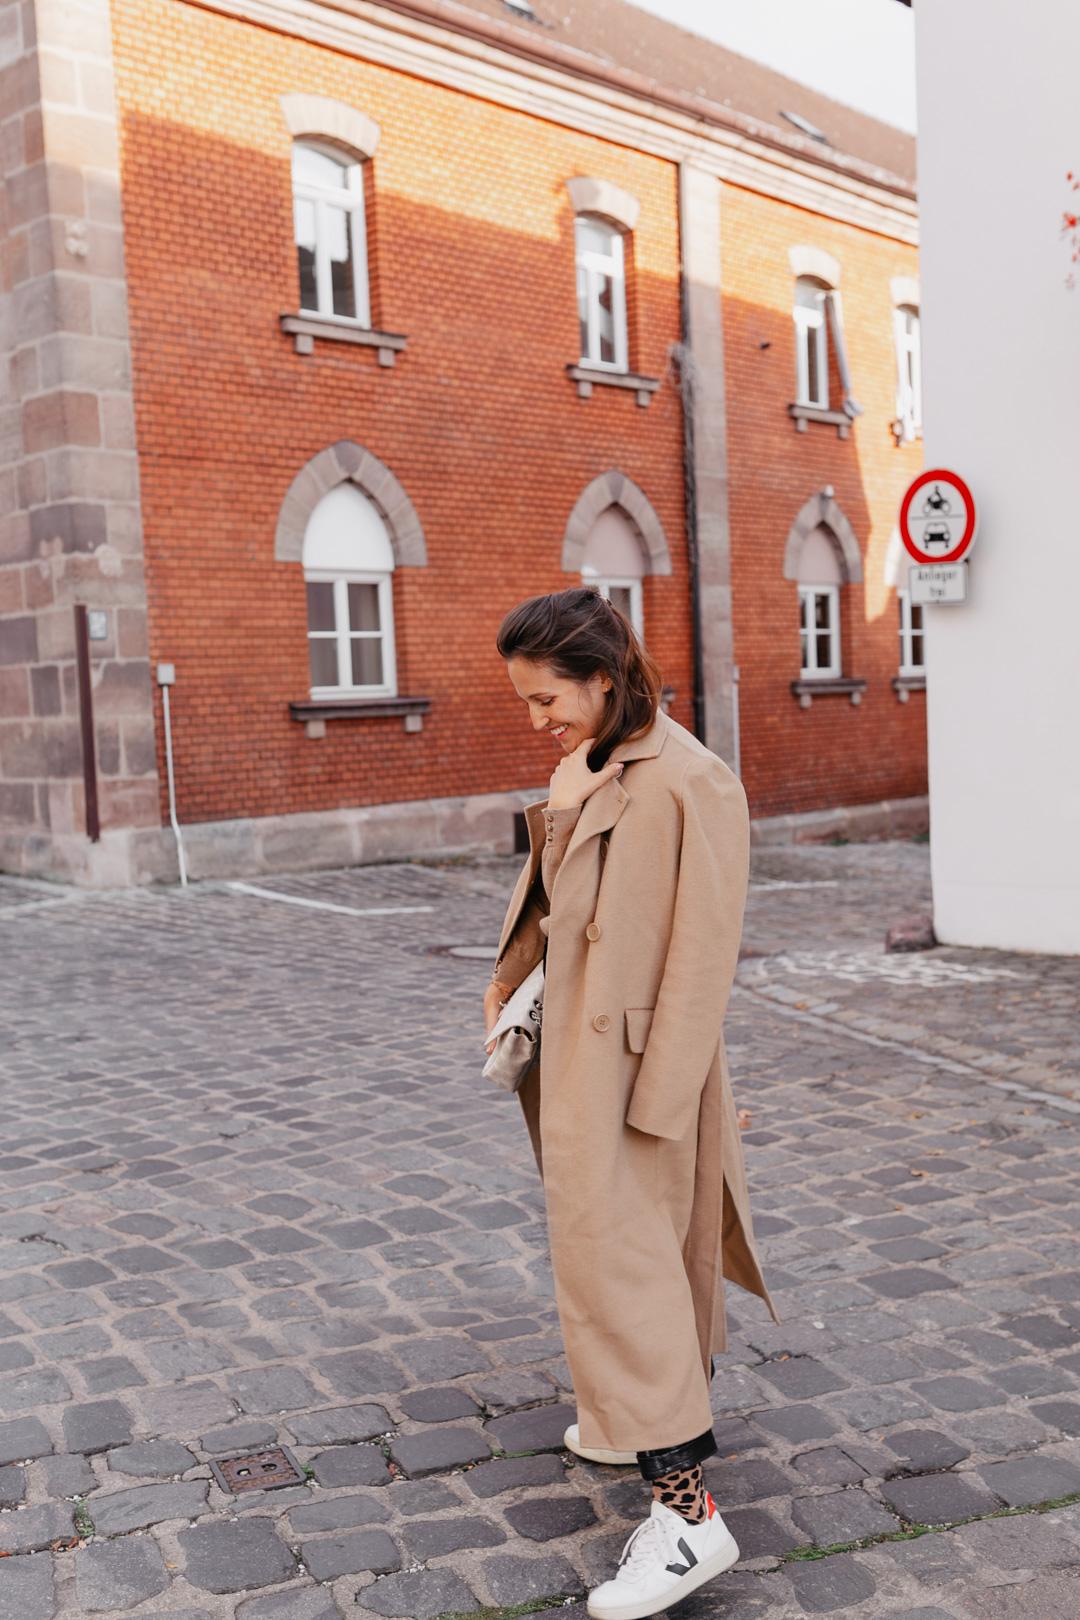 Ein oversized Mantel ist für mich im Herbst und Winter das Must-Have schlechthin. Die langen Mäntel wärmen und machen jeden Look zum Eyecatcher. Mein absoluter Favorit unter den langen Mänteln? Der Camel Coat! Mehr Outfitinspirationen findet ihr auf www.piecesofmariposa.com